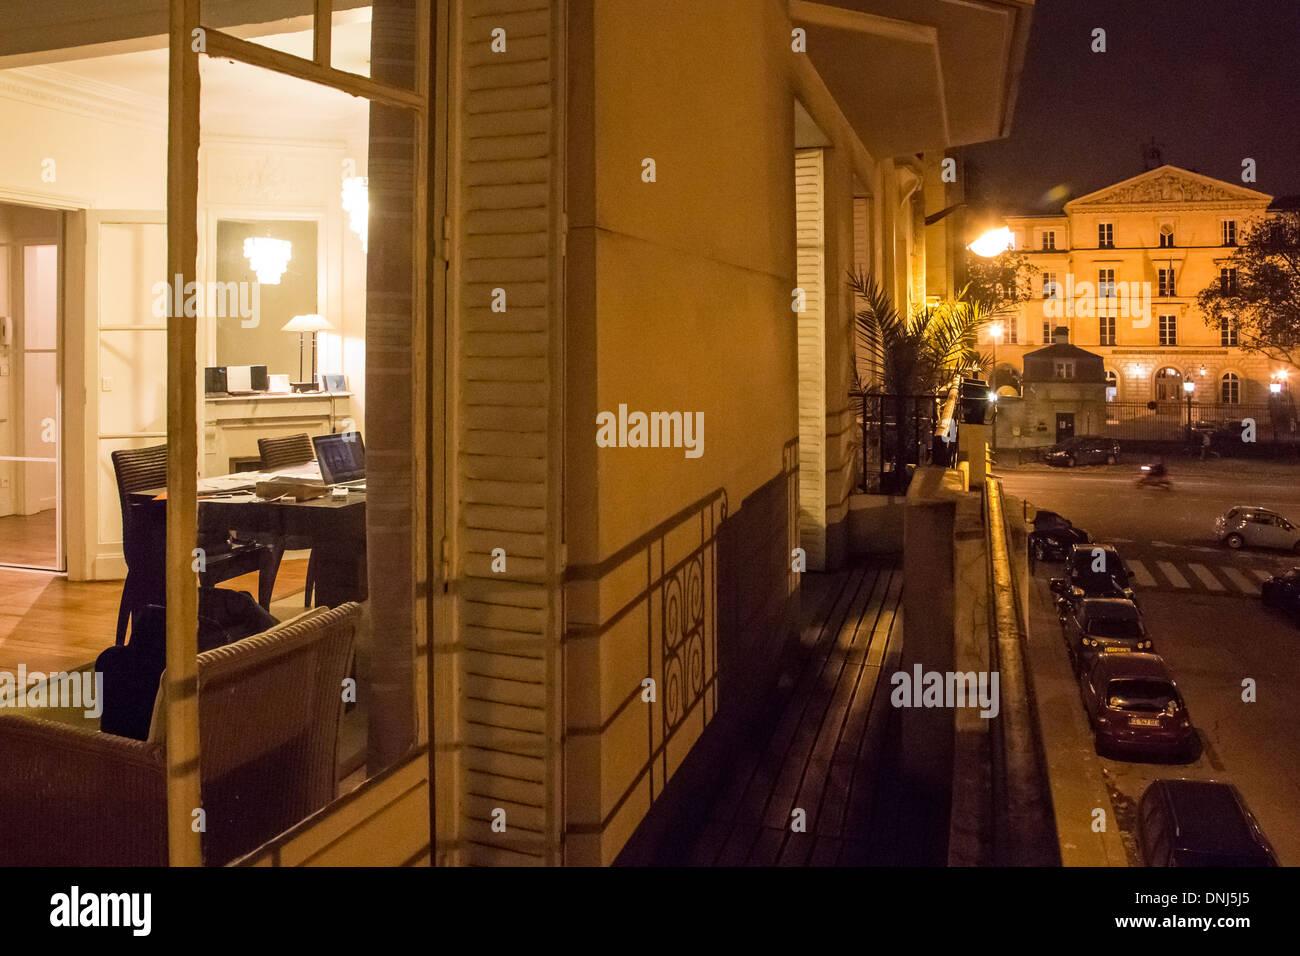 avenue daniel lesueur stock photos avenue daniel lesueur. Black Bedroom Furniture Sets. Home Design Ideas